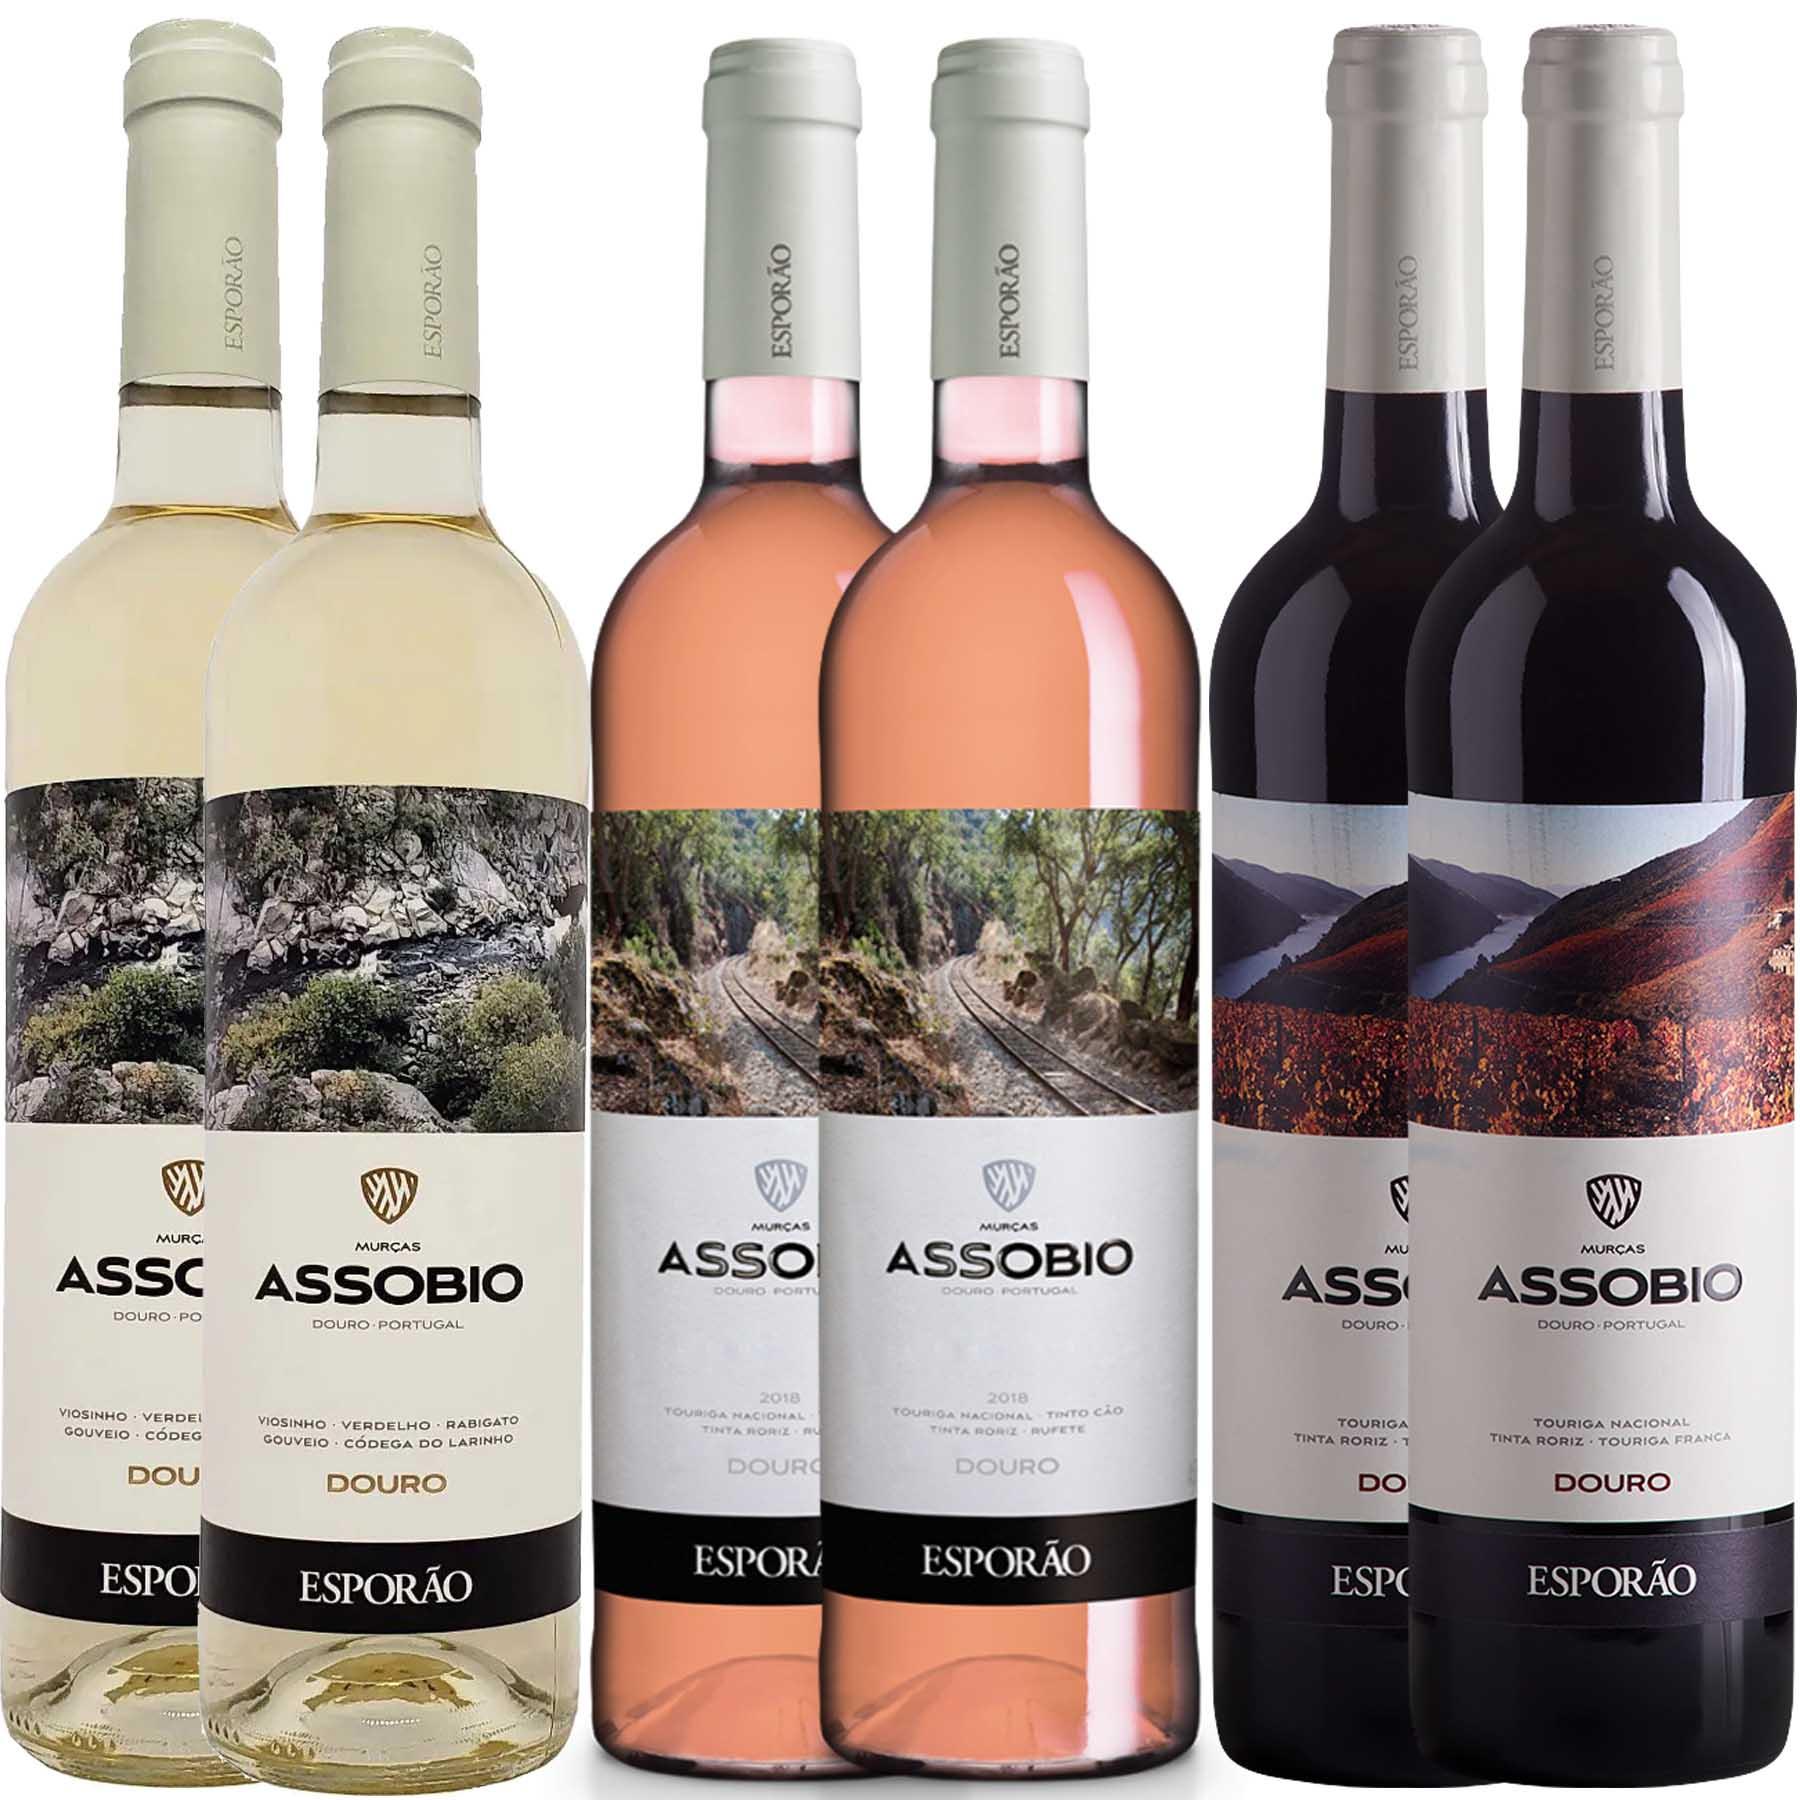 Kit 6 Vinho Branco/Tinto/Rosé Português Esporão Assobio